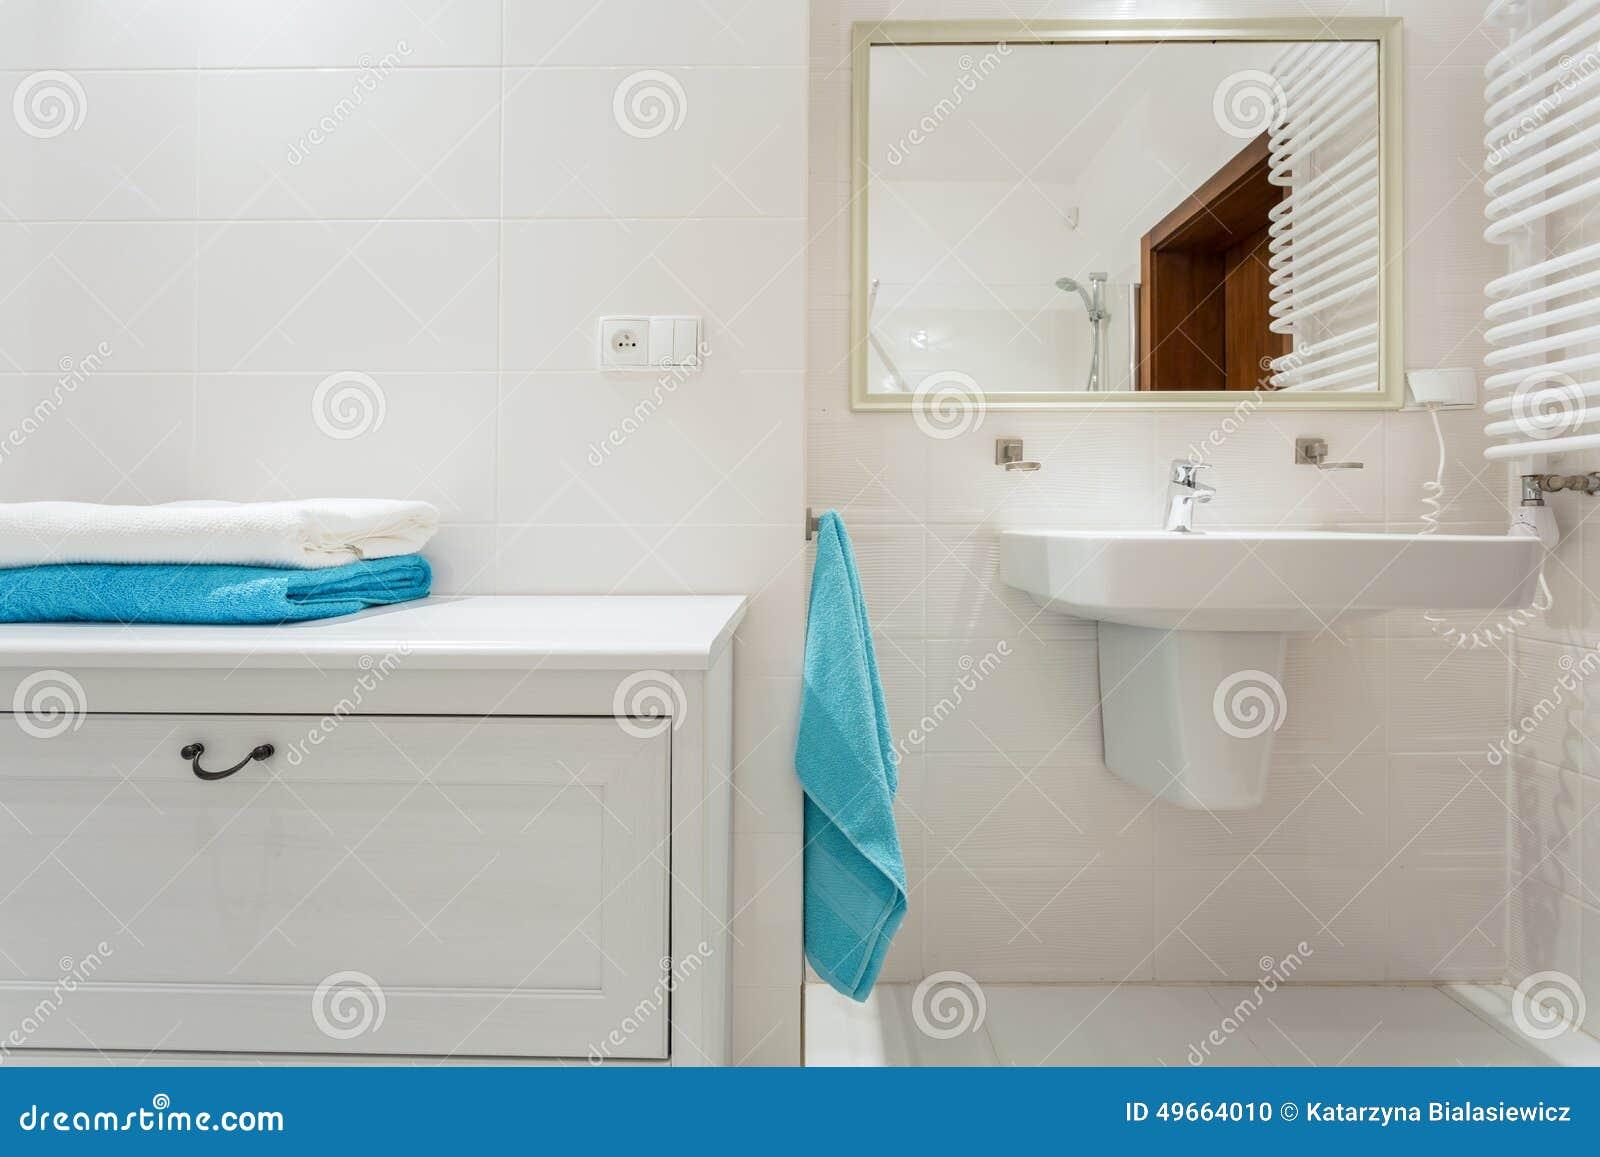 Scaffale in bagno di lusso